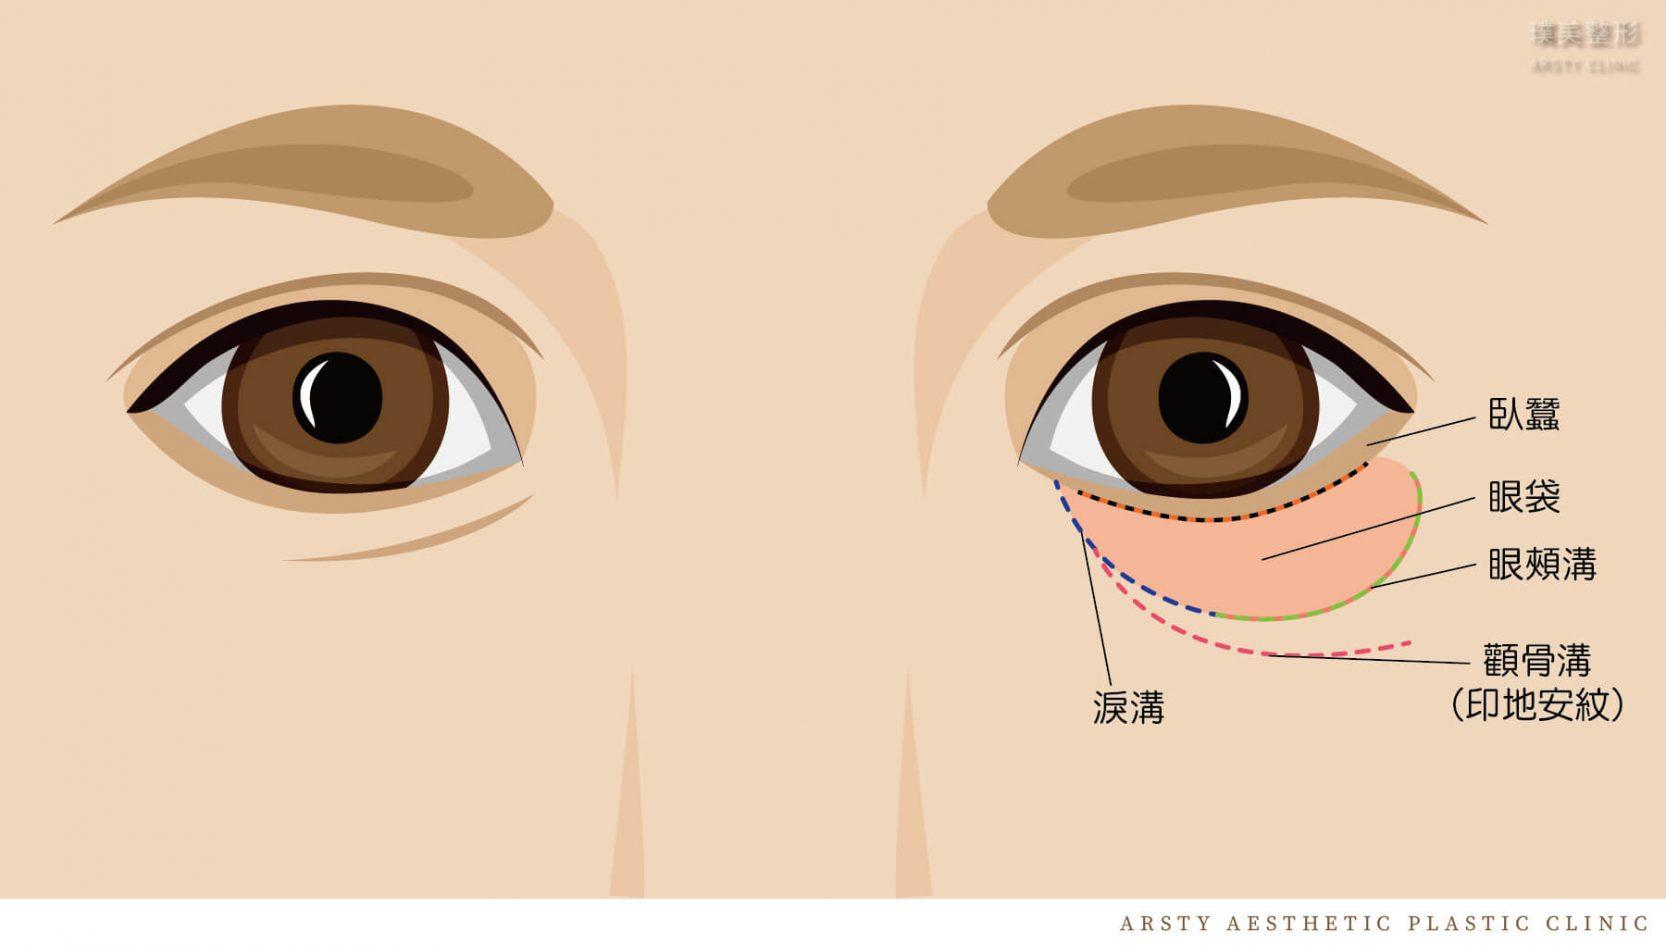 眼袋手術部位示意圖